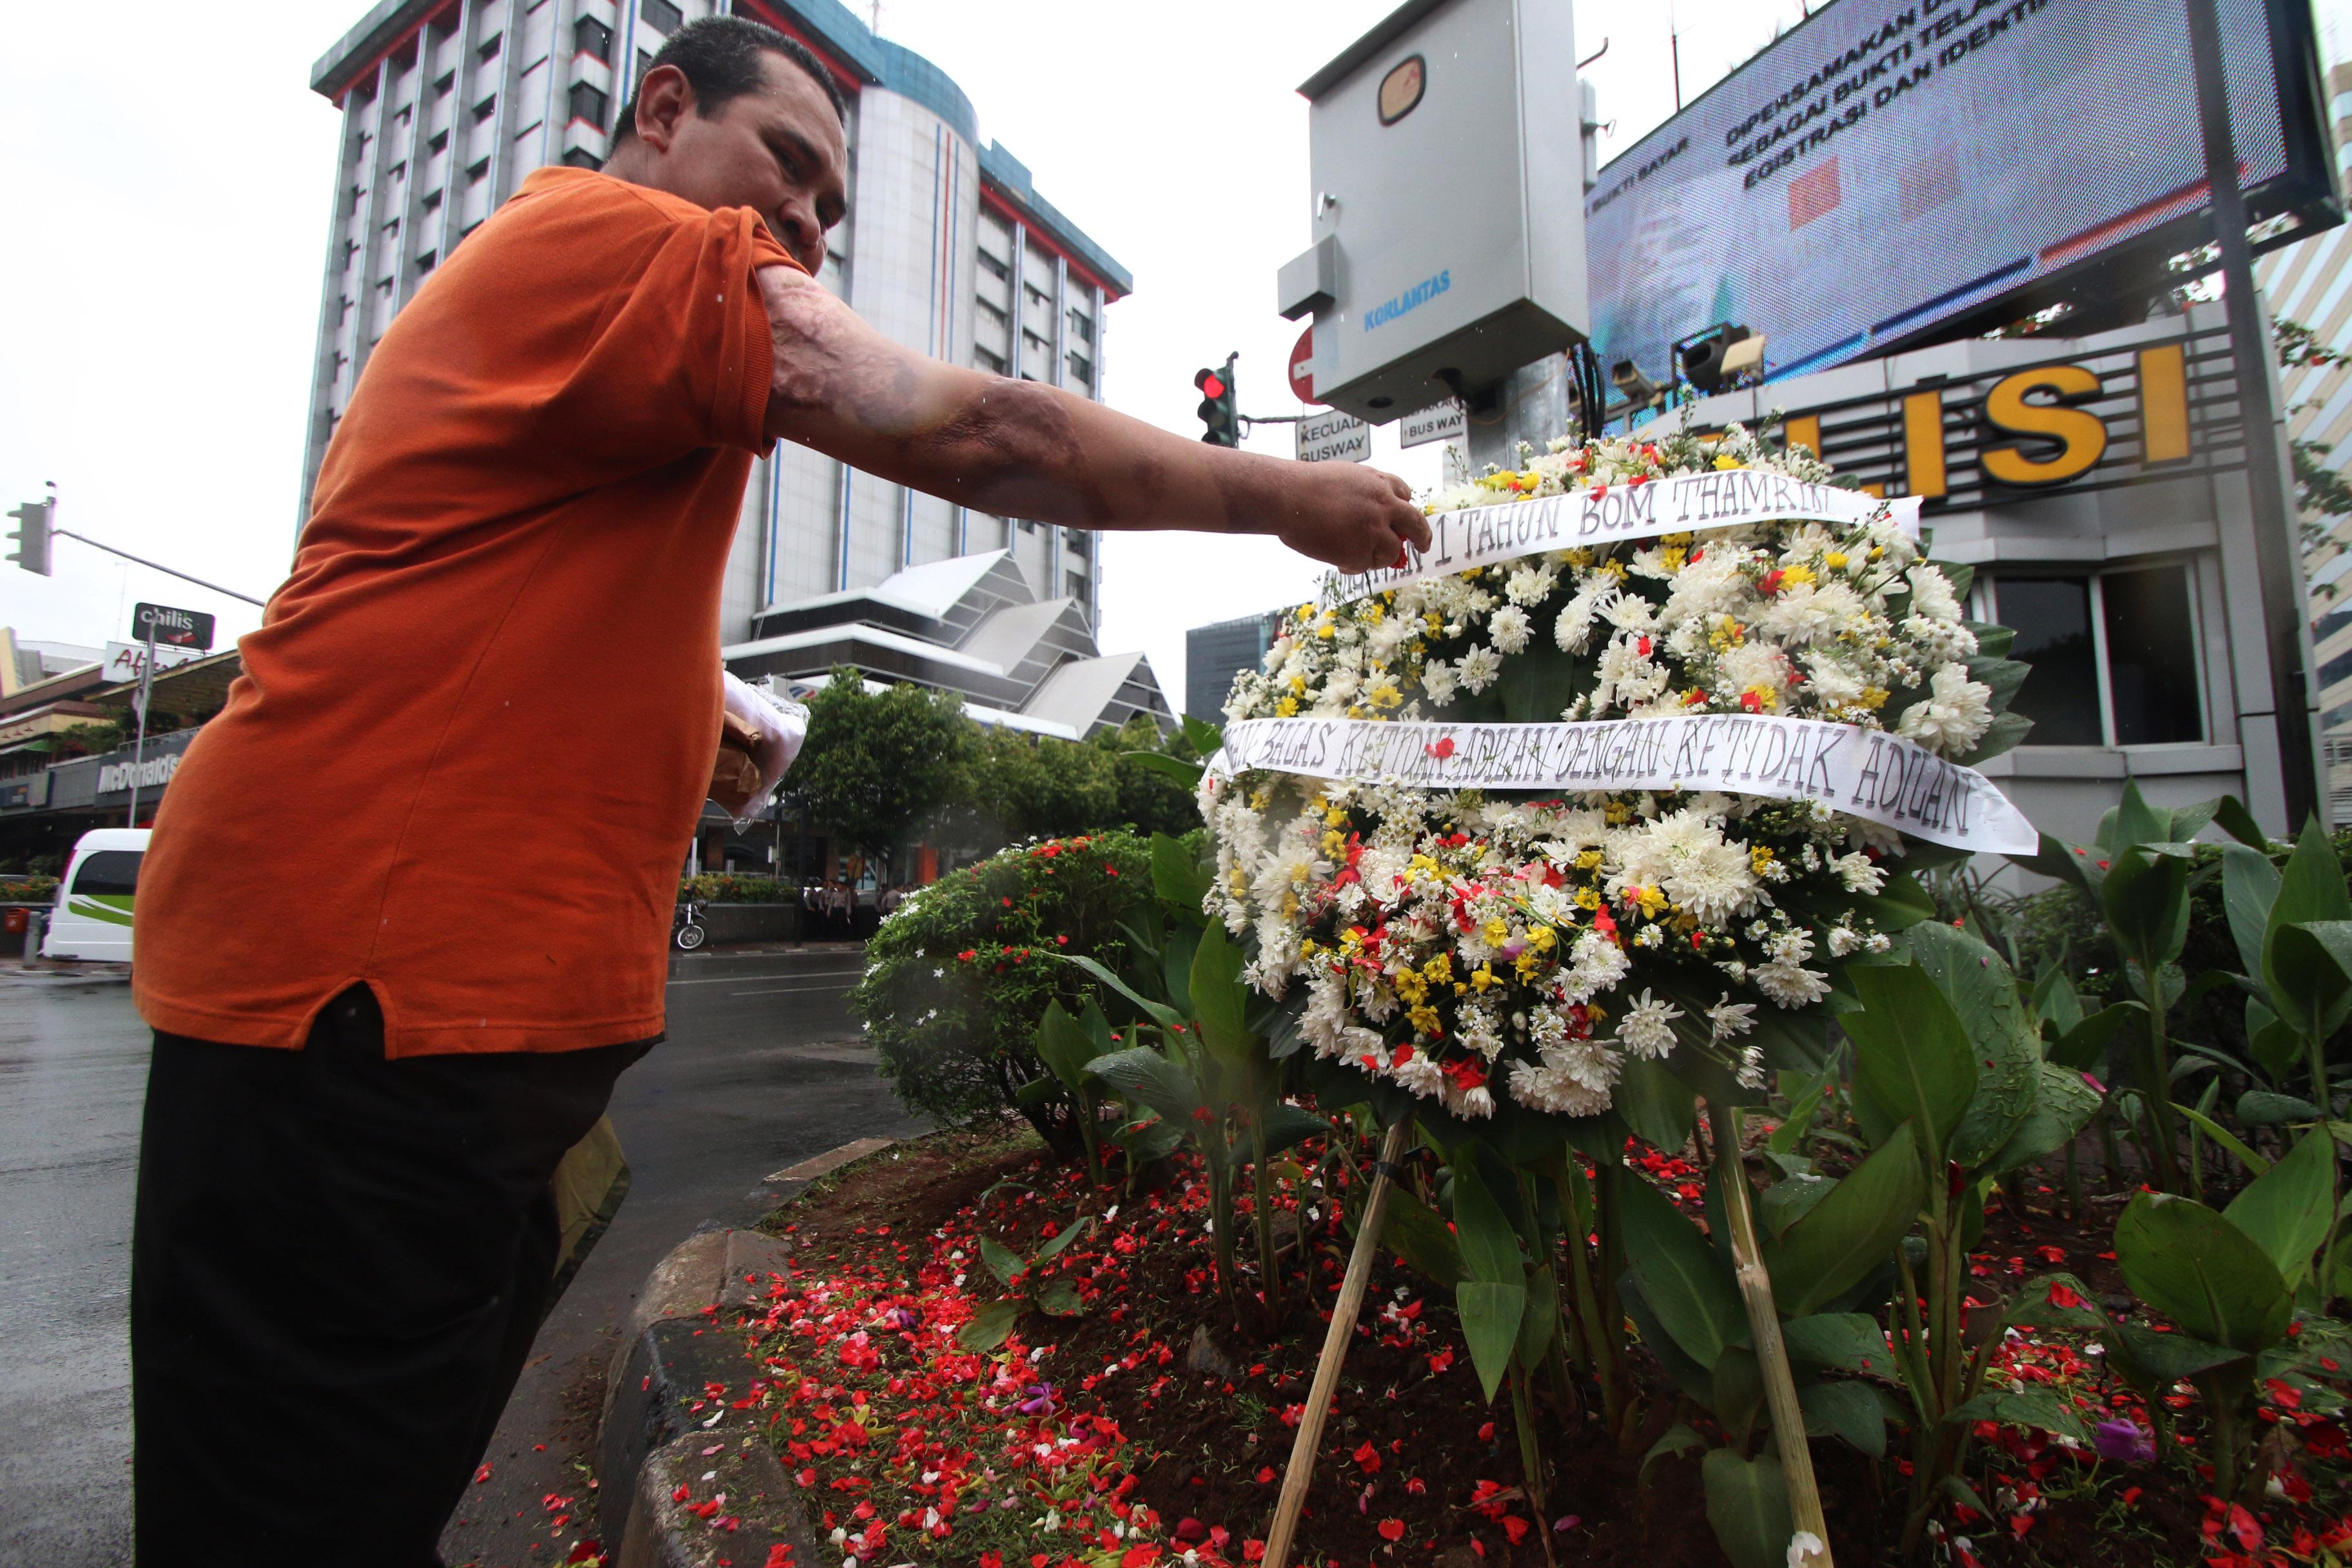 """Korban serangan """"Bom Thamrin"""" yang merupakan anggota kepolisian, Aiptu Denny Maheu, melakukan tabur bunga di lokasi kejadian di Jalan MH Thamrin, Jakarta, Sabtu (14/1). Aksi tabur bunga dilakukan dalam rangka memperingati satu tahun kejadian aksi terorisme """"Bom Thamrin"""". ANTARA FOTO/Rivan Awal Lingga/kye/17"""